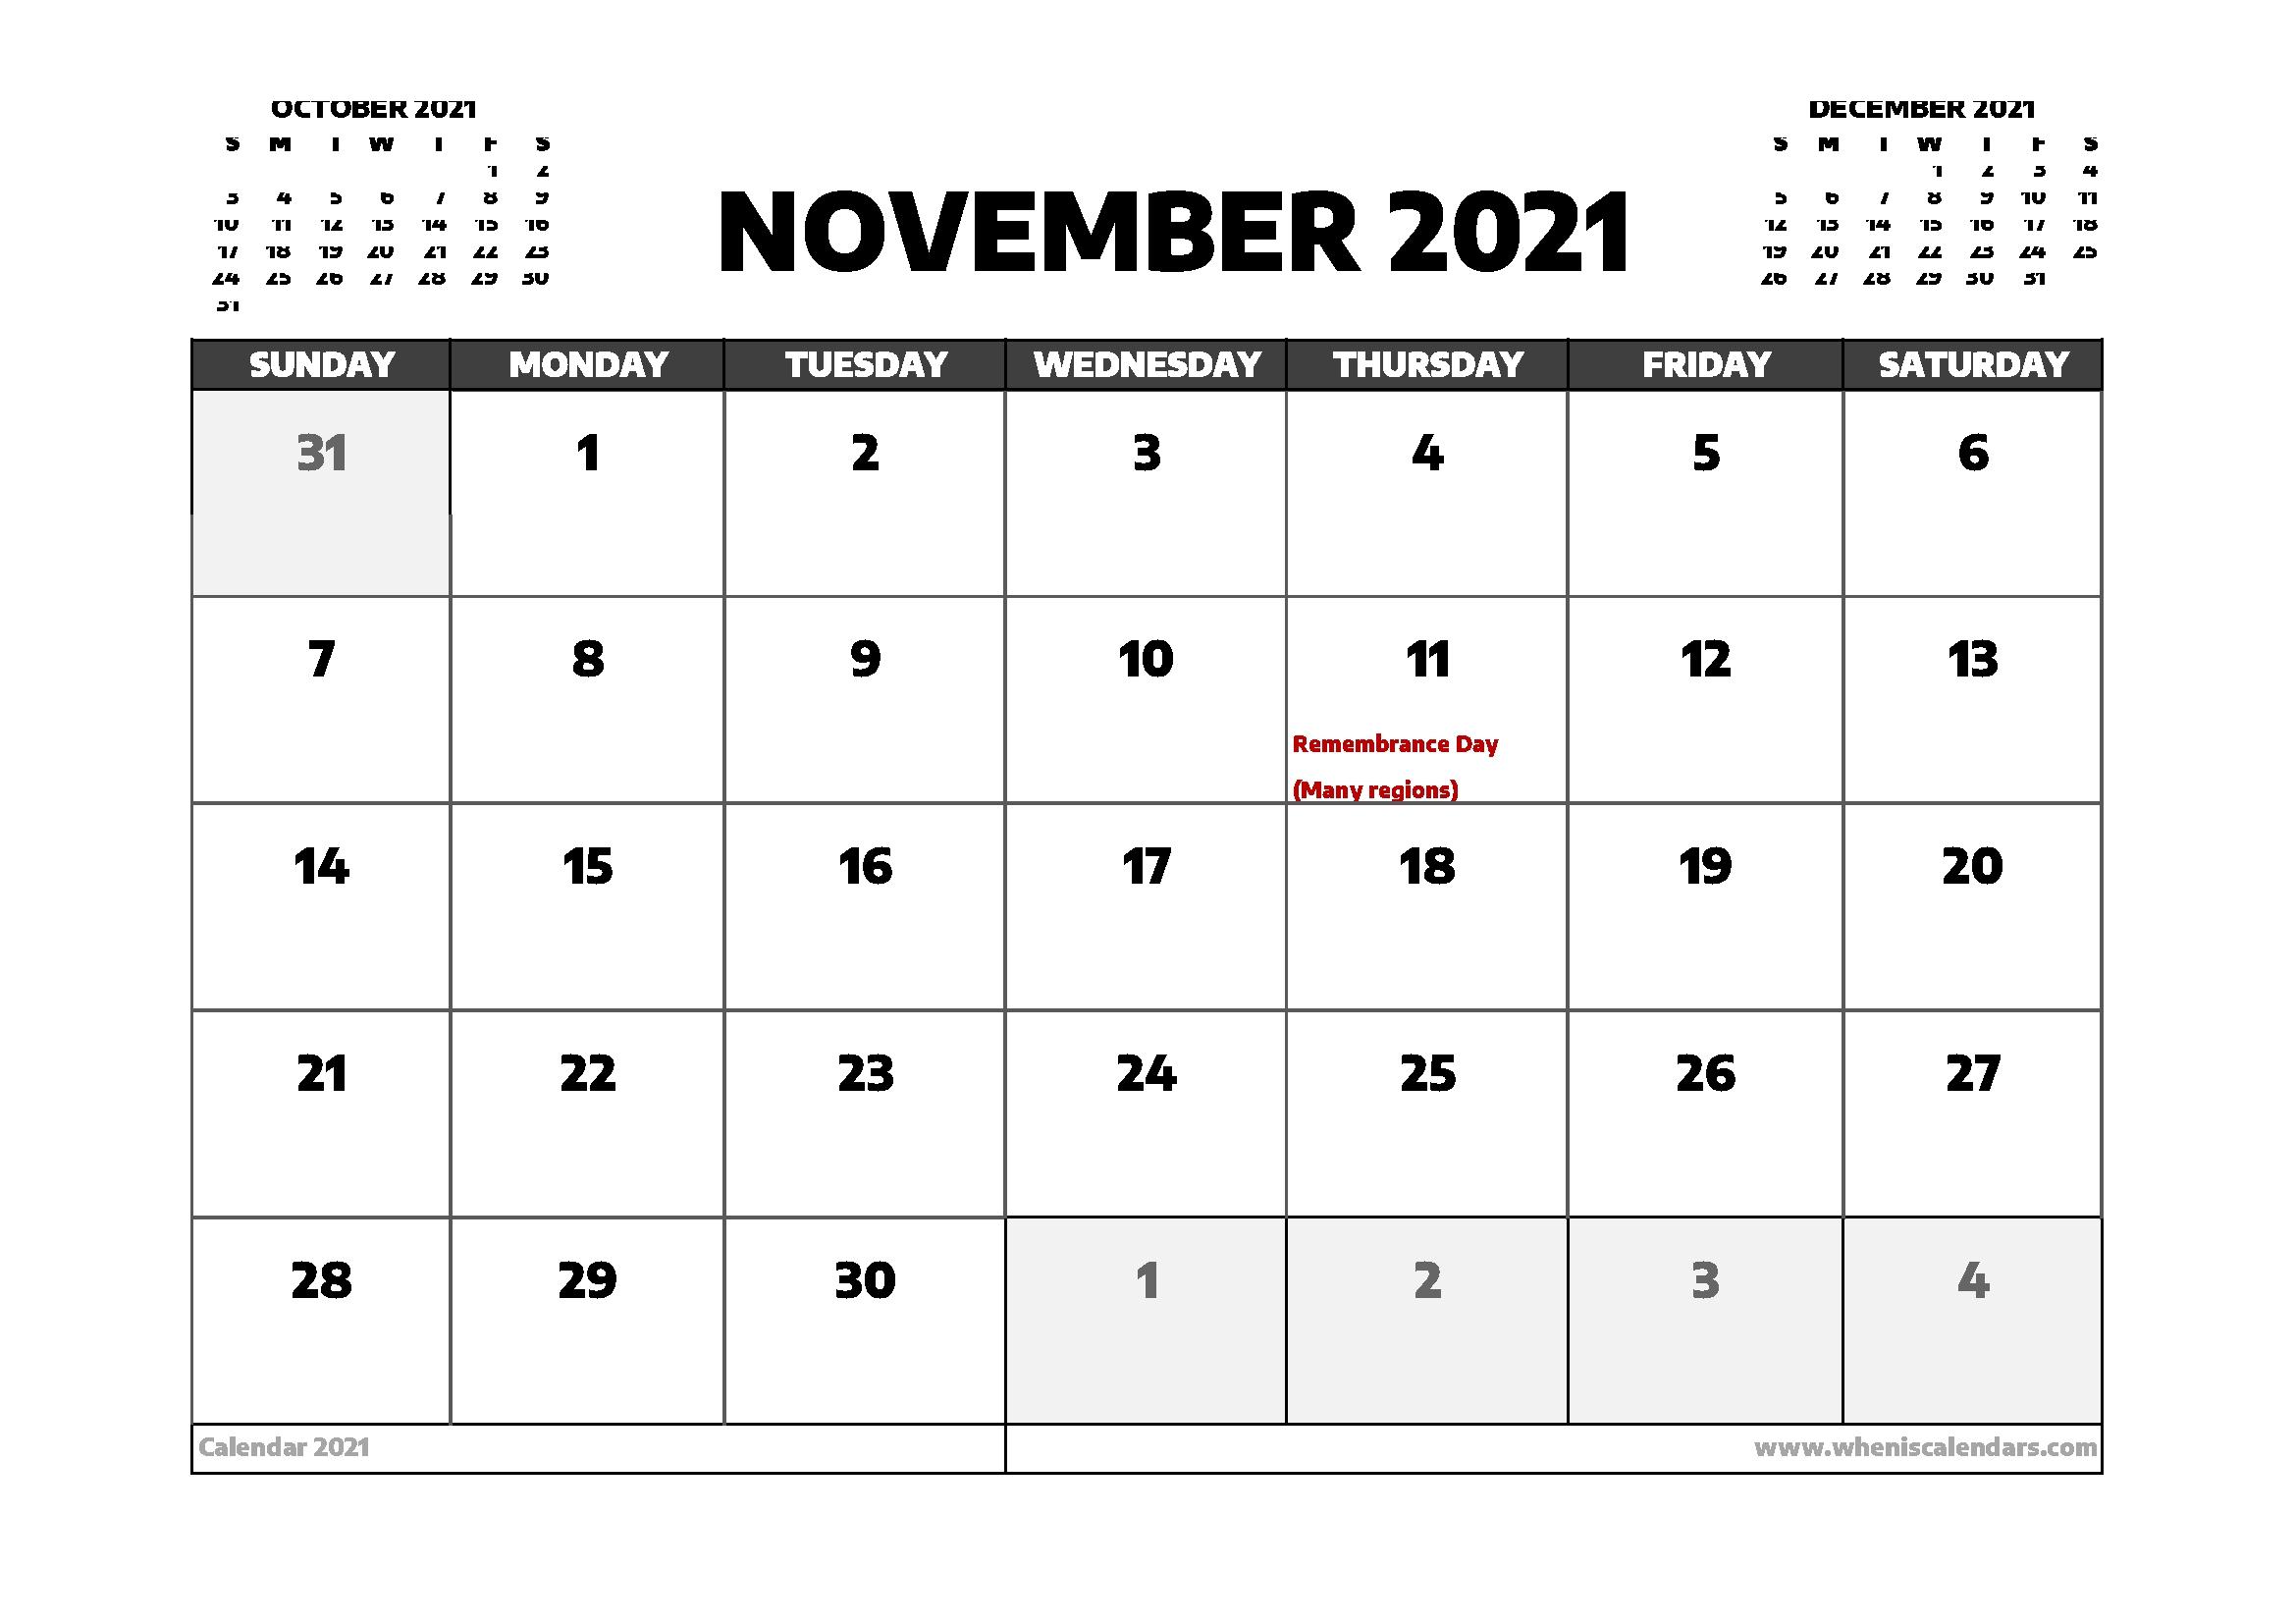 November 2021 Calendar Canada | Printable March Free Printable November 2021 Calendar With Holidays